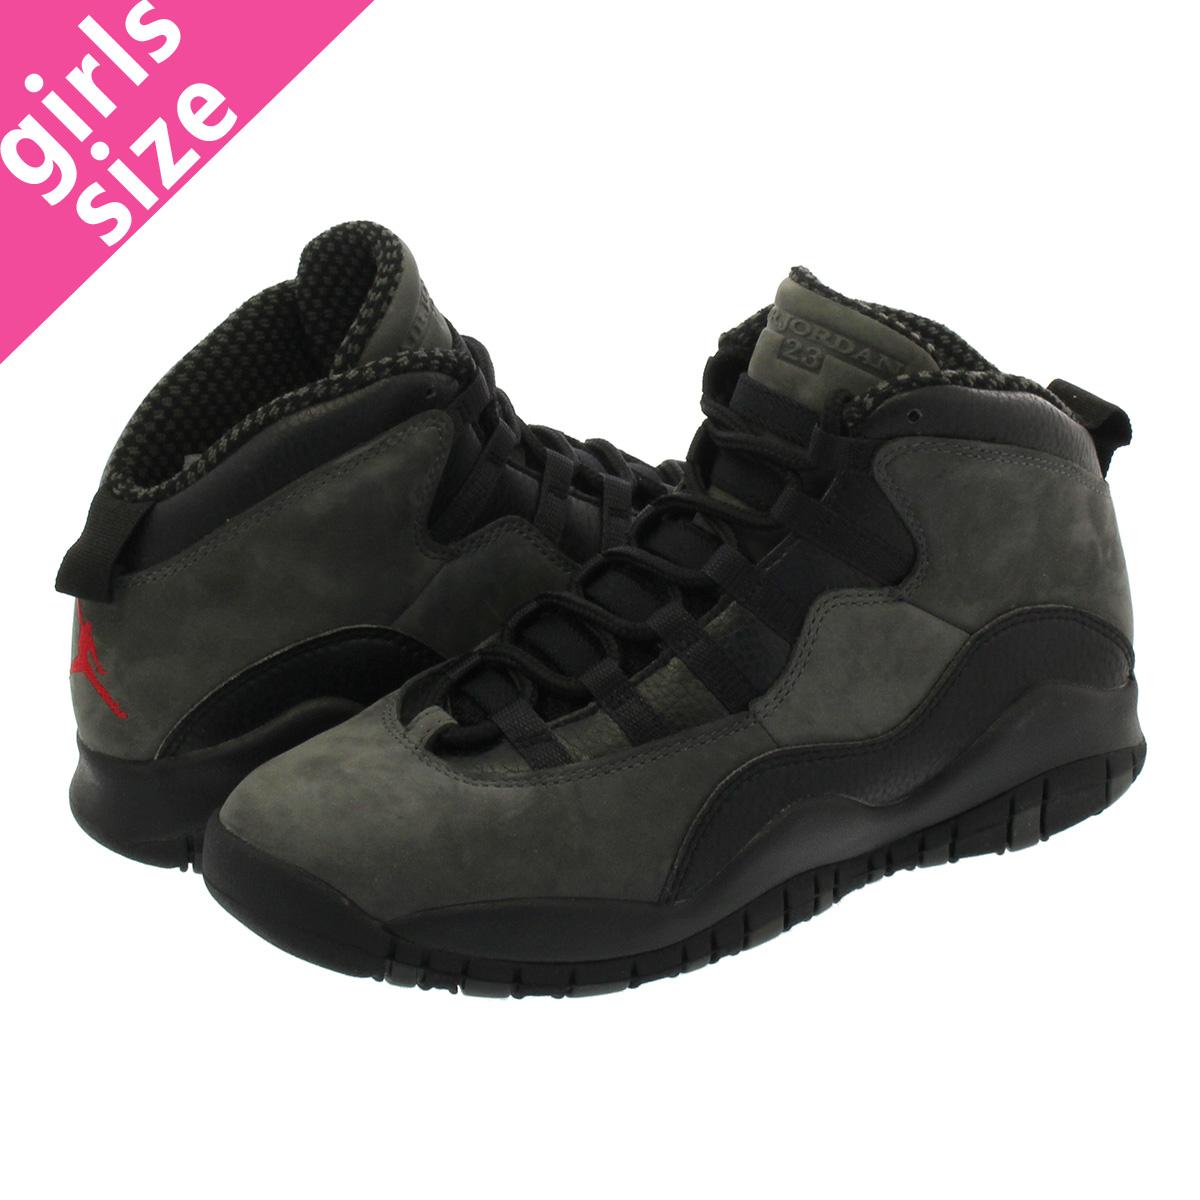 purchase cheap 9449b 4349e NIKE AIR JORDAN 10 RETRO BG Nike Air Jordan 10 nostalgic BG DARK  SHADOW/TRUE RED/BLACK 310,806-002